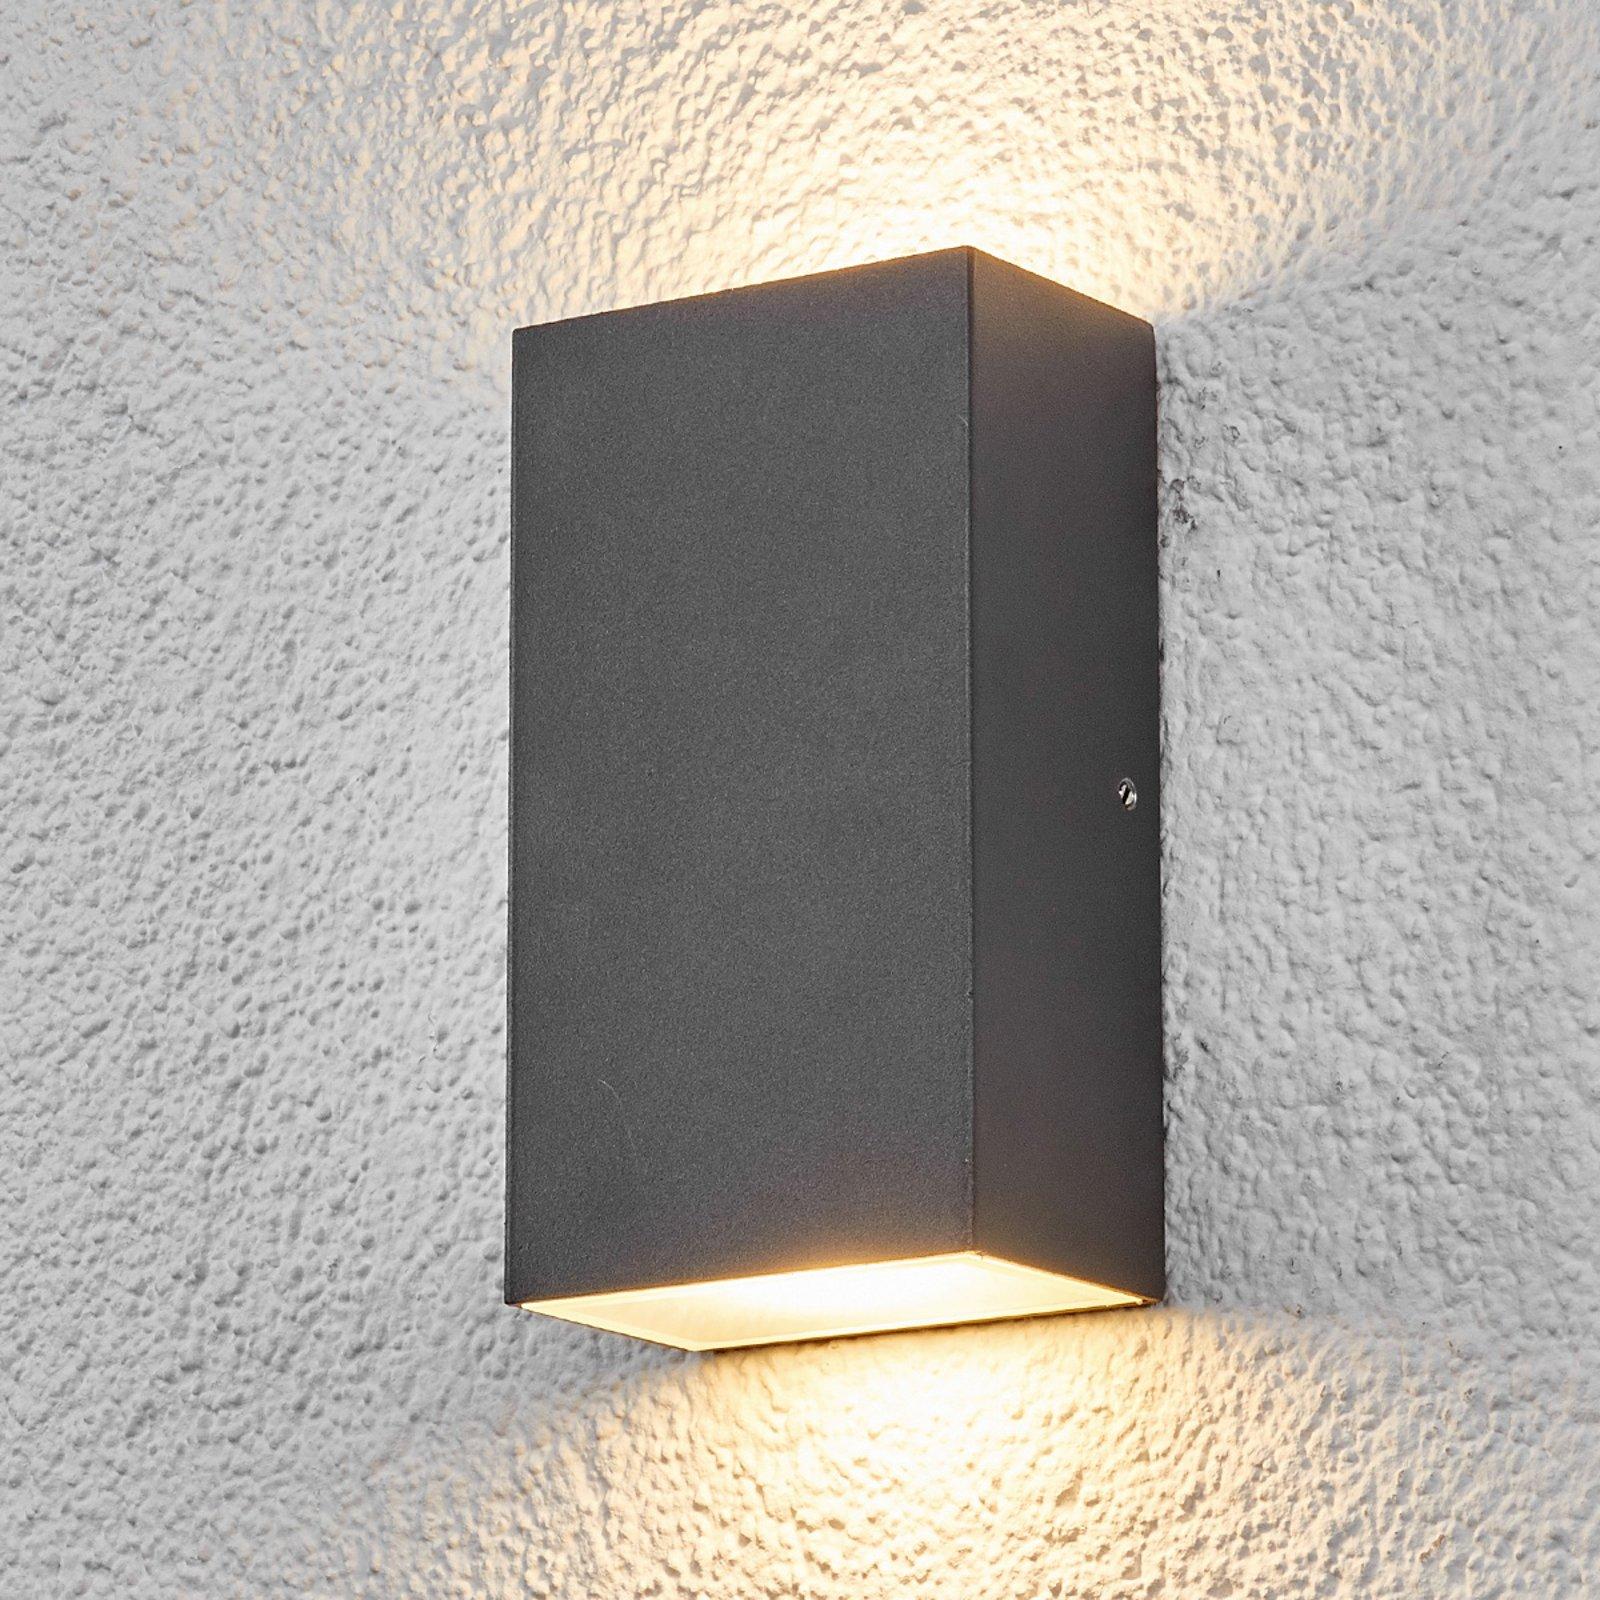 Kantet utendørs LED-vegglampe Weerd